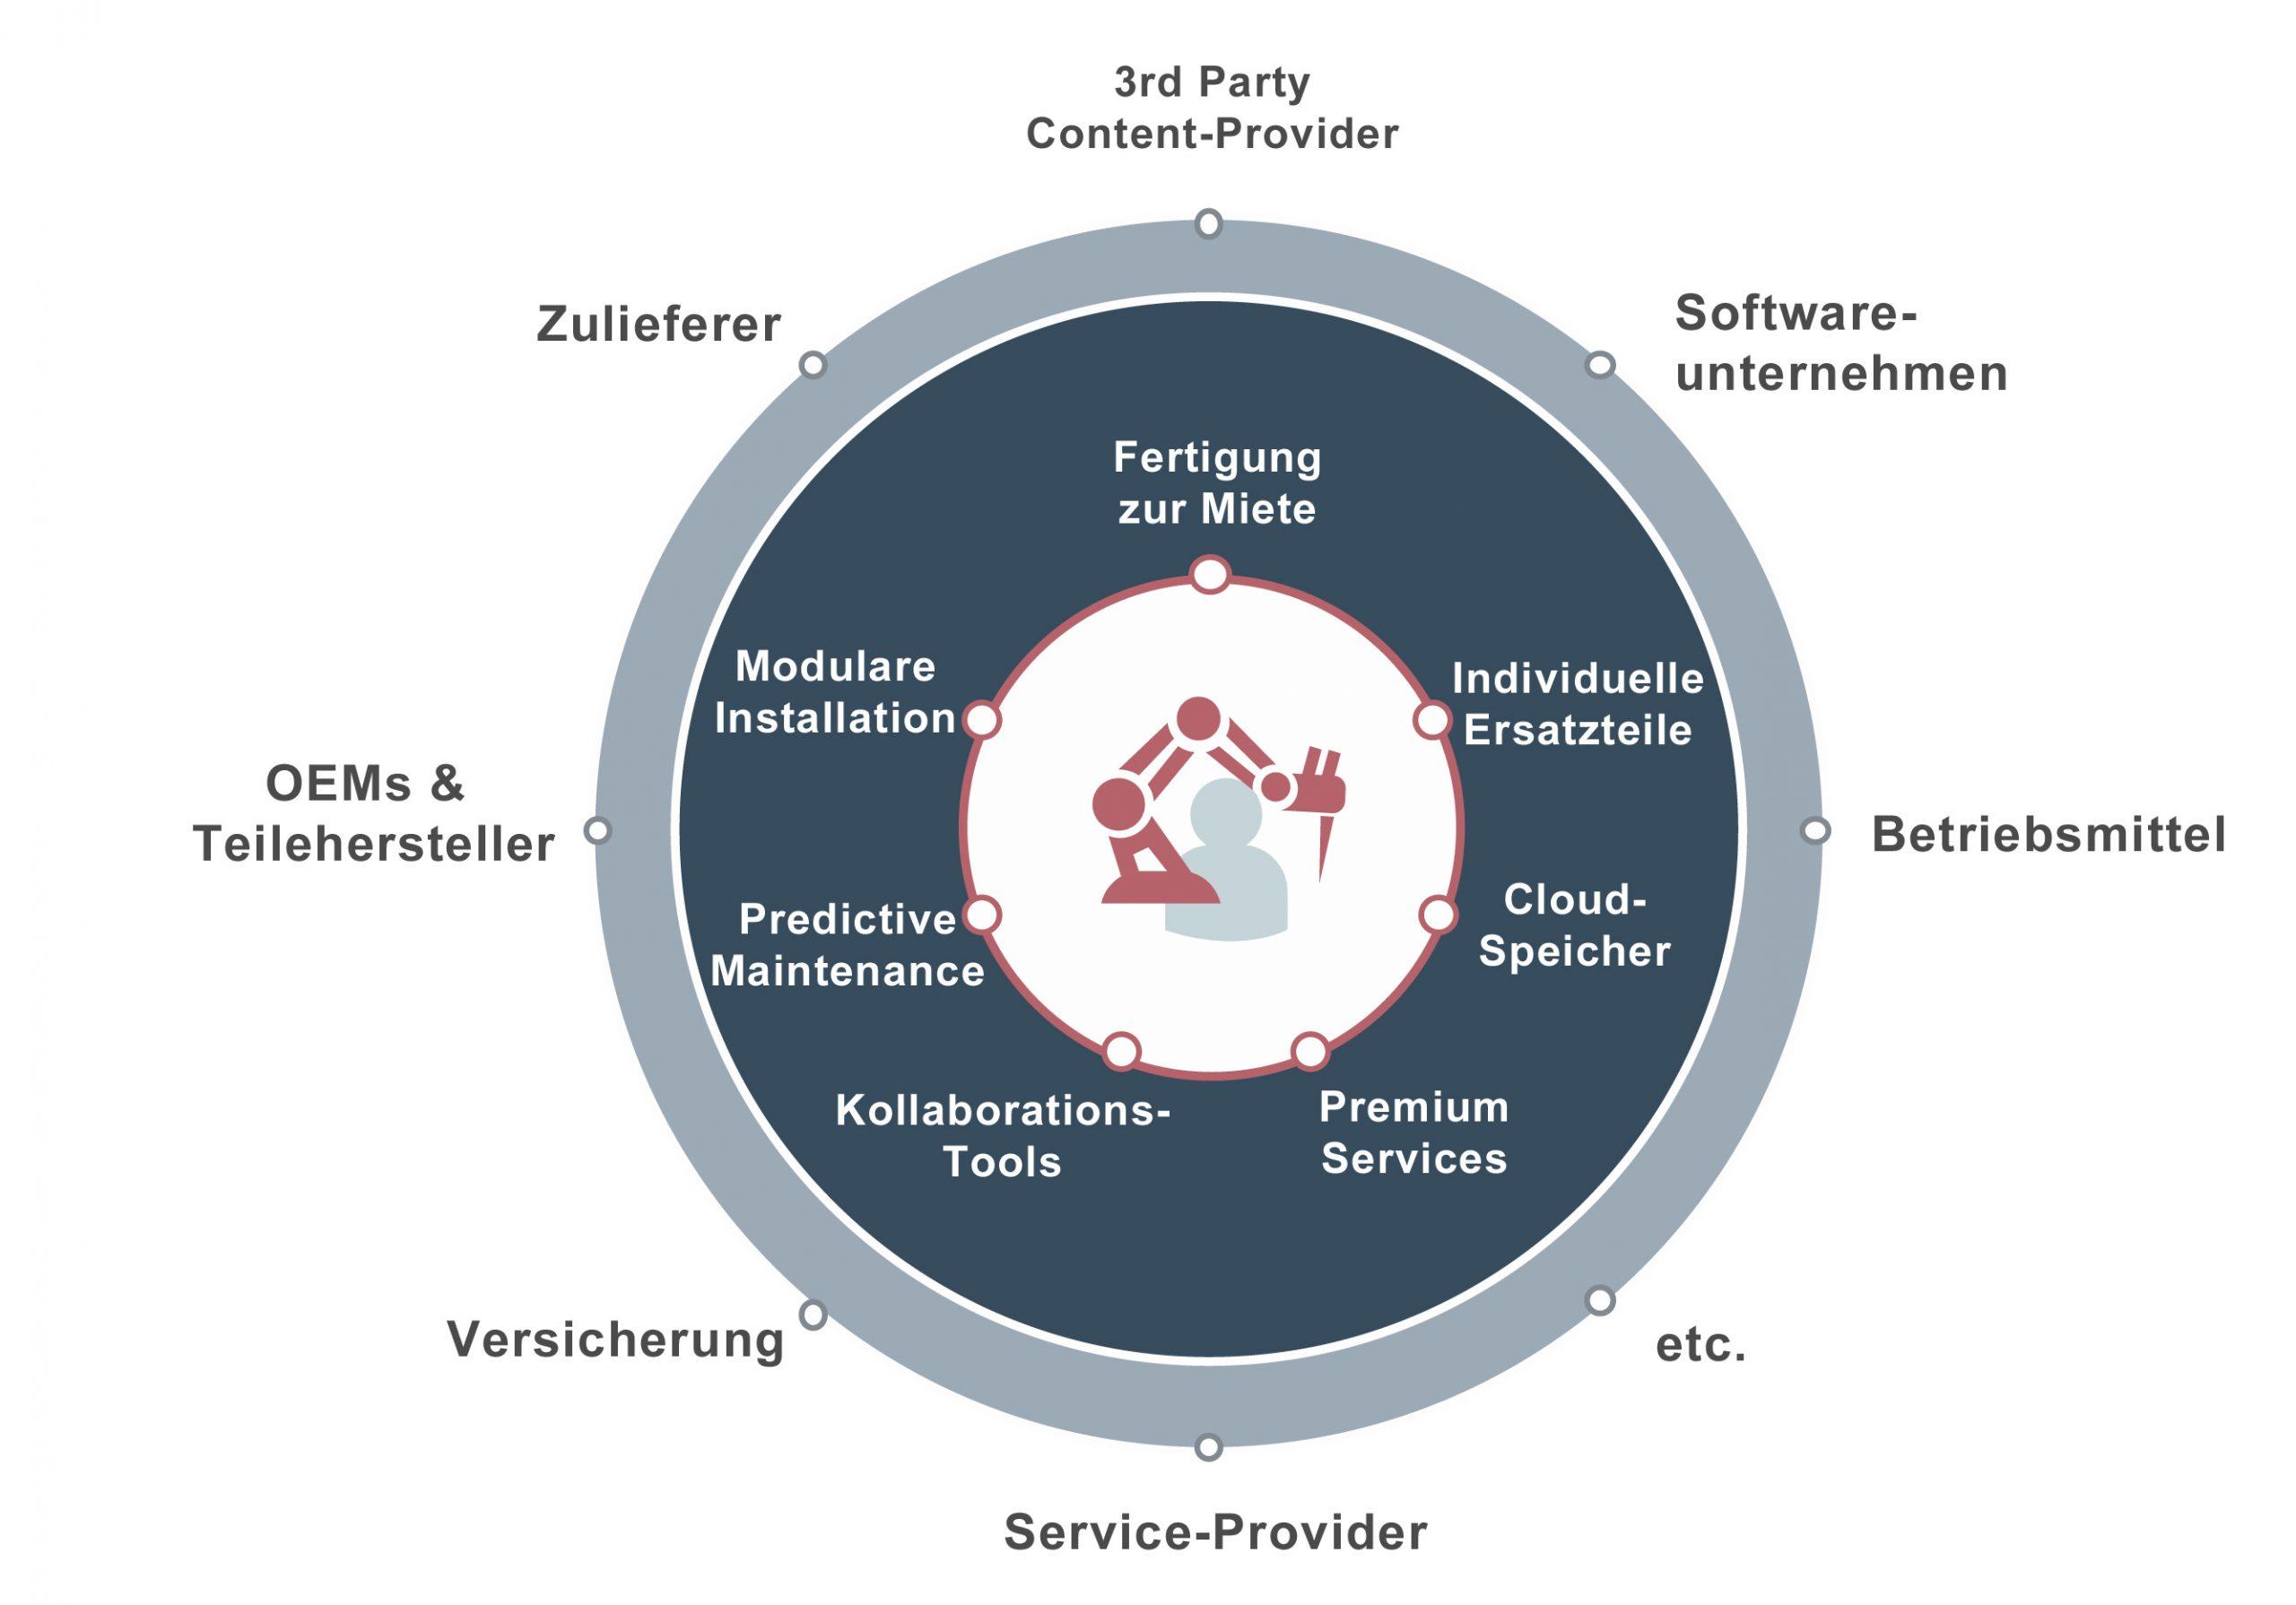 In Deutschland werden aktuell 80 Prozent des Umsatzes durch den Verkauf neuer Geräte, Maschinen und Anlagen erzielt und 20 Prozent durch Services. Aber diese 20 Prozent Umsatz sorgen für rund 60 Prozent des Profits. (Bild: Zuora Inc.)